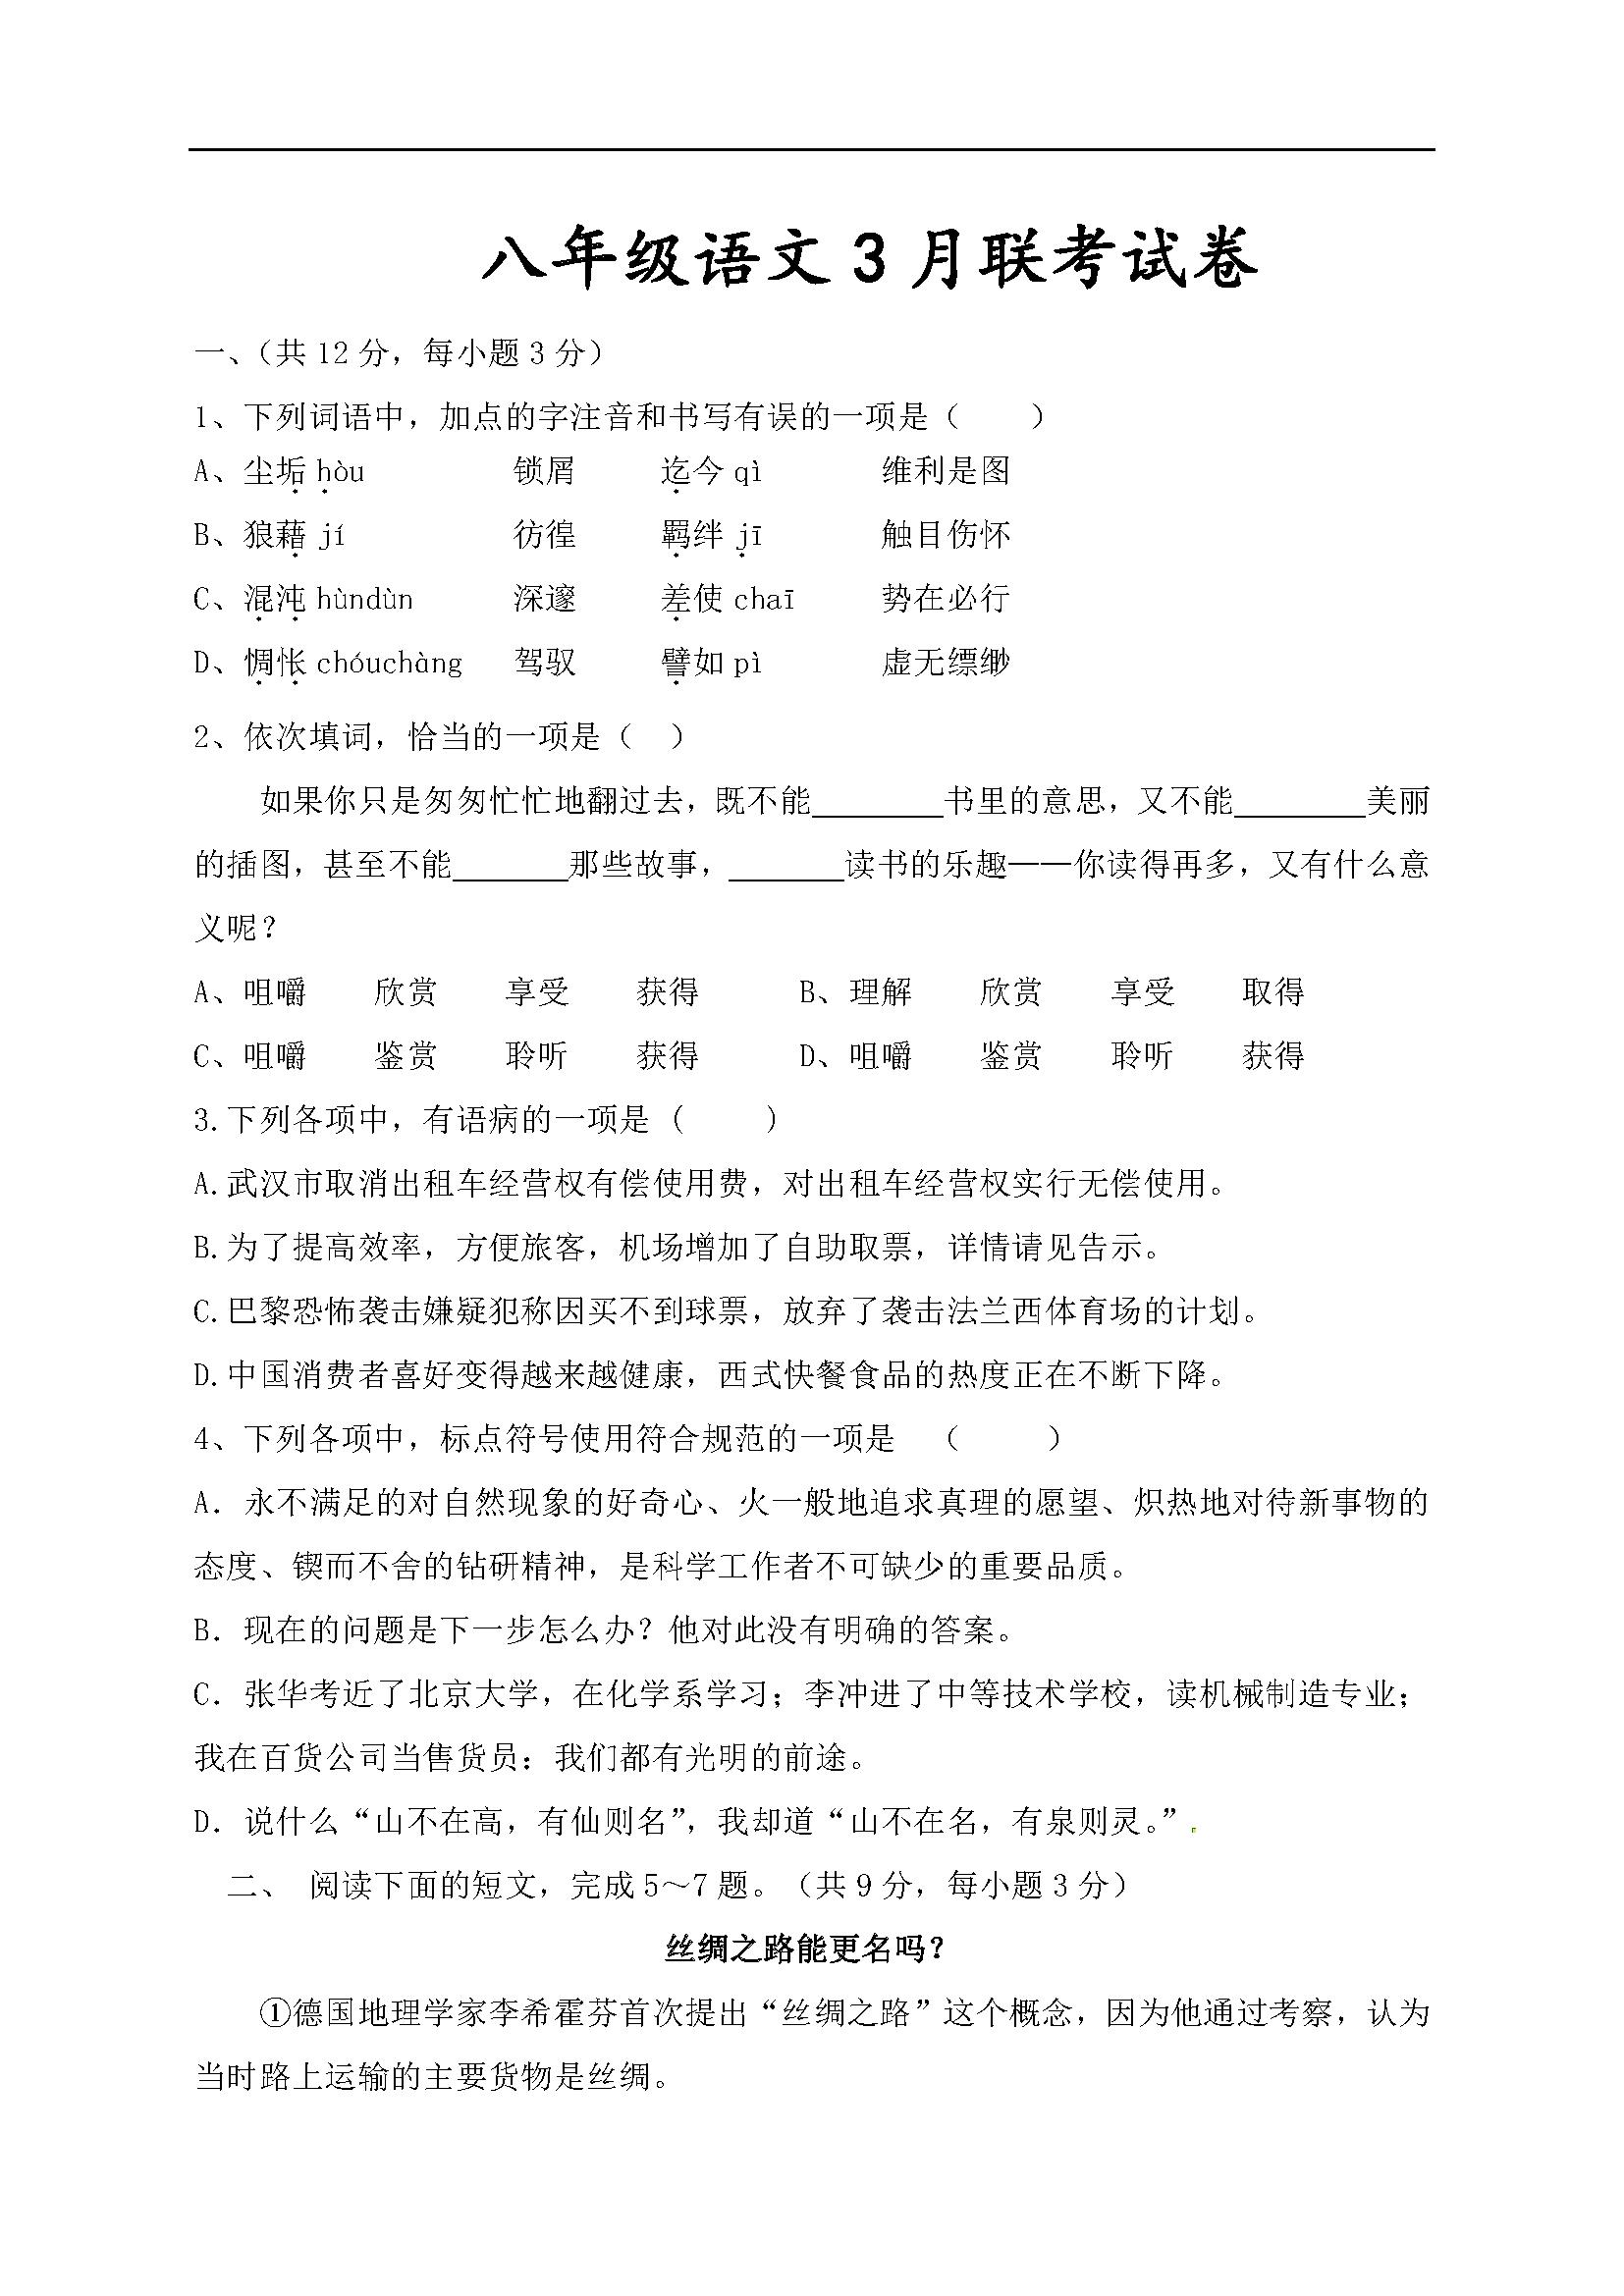 2017湖北武汉侏儒山街四校八年级3月月考语文试题(图片版)